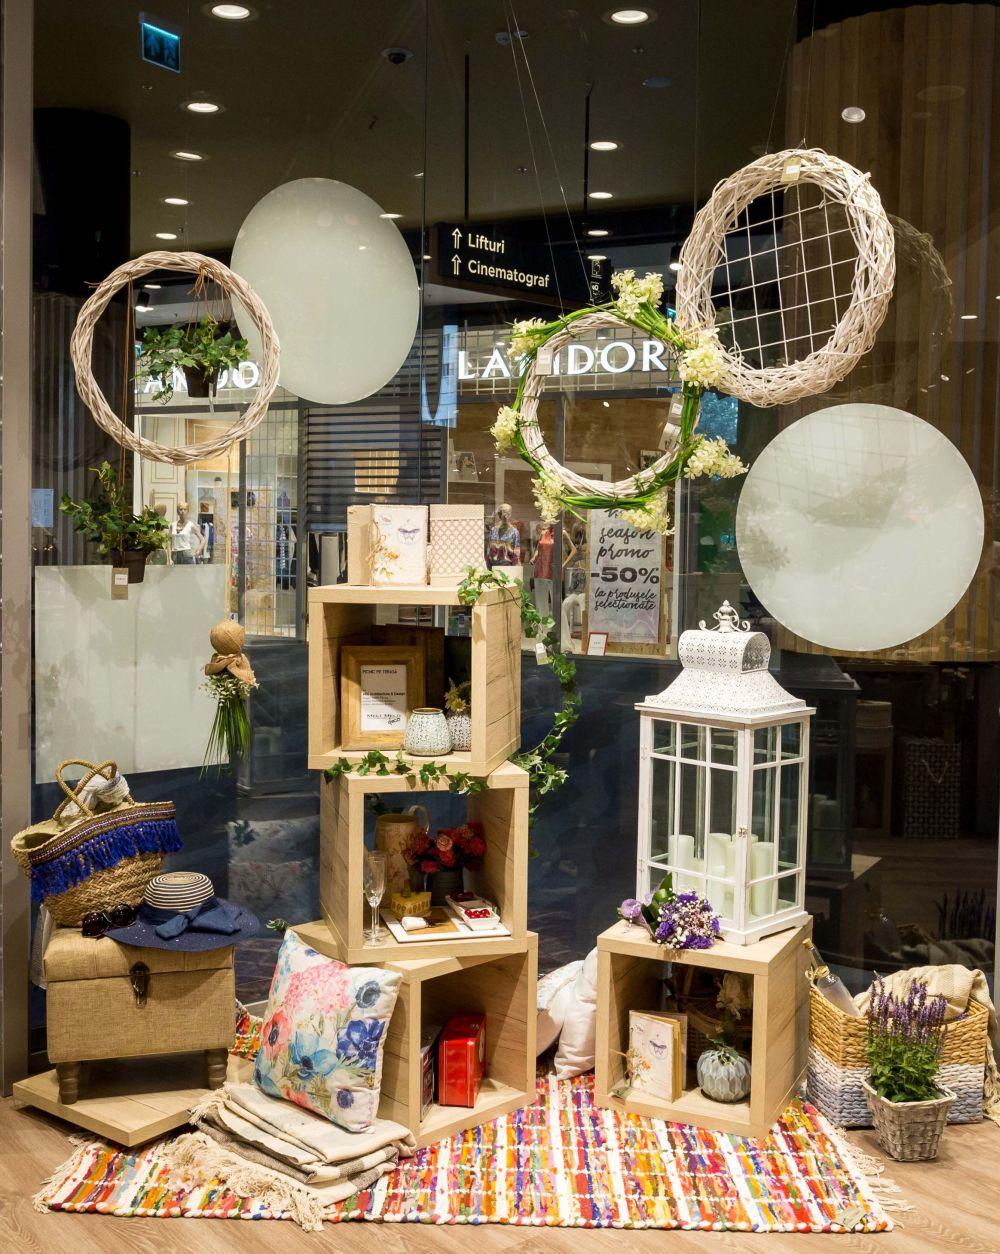 adelaparvu.com despre magazinul de decoratiuni Meli Melo Deco, decor vitrina Adela Parvu, ARA Design Studio